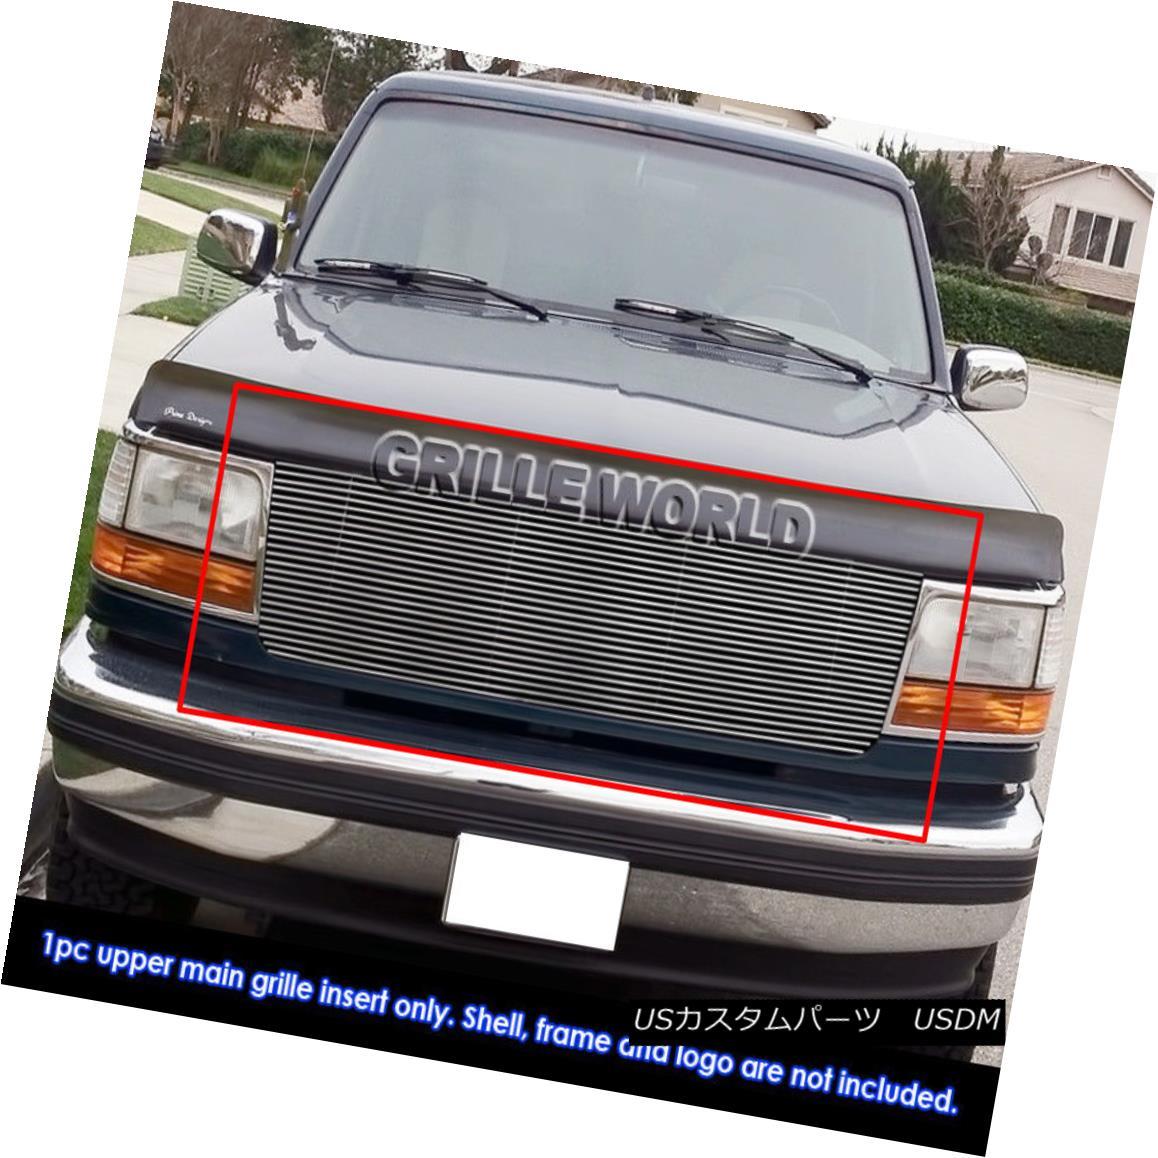 グリル Fits 92-96 Ford Bronco/F150/F250/F350 Black High Density Billet Grille Grill フィット92-96 Ford Bronco / F150 / F2 50 / F350ブラック高密度ビレットグリルグリル